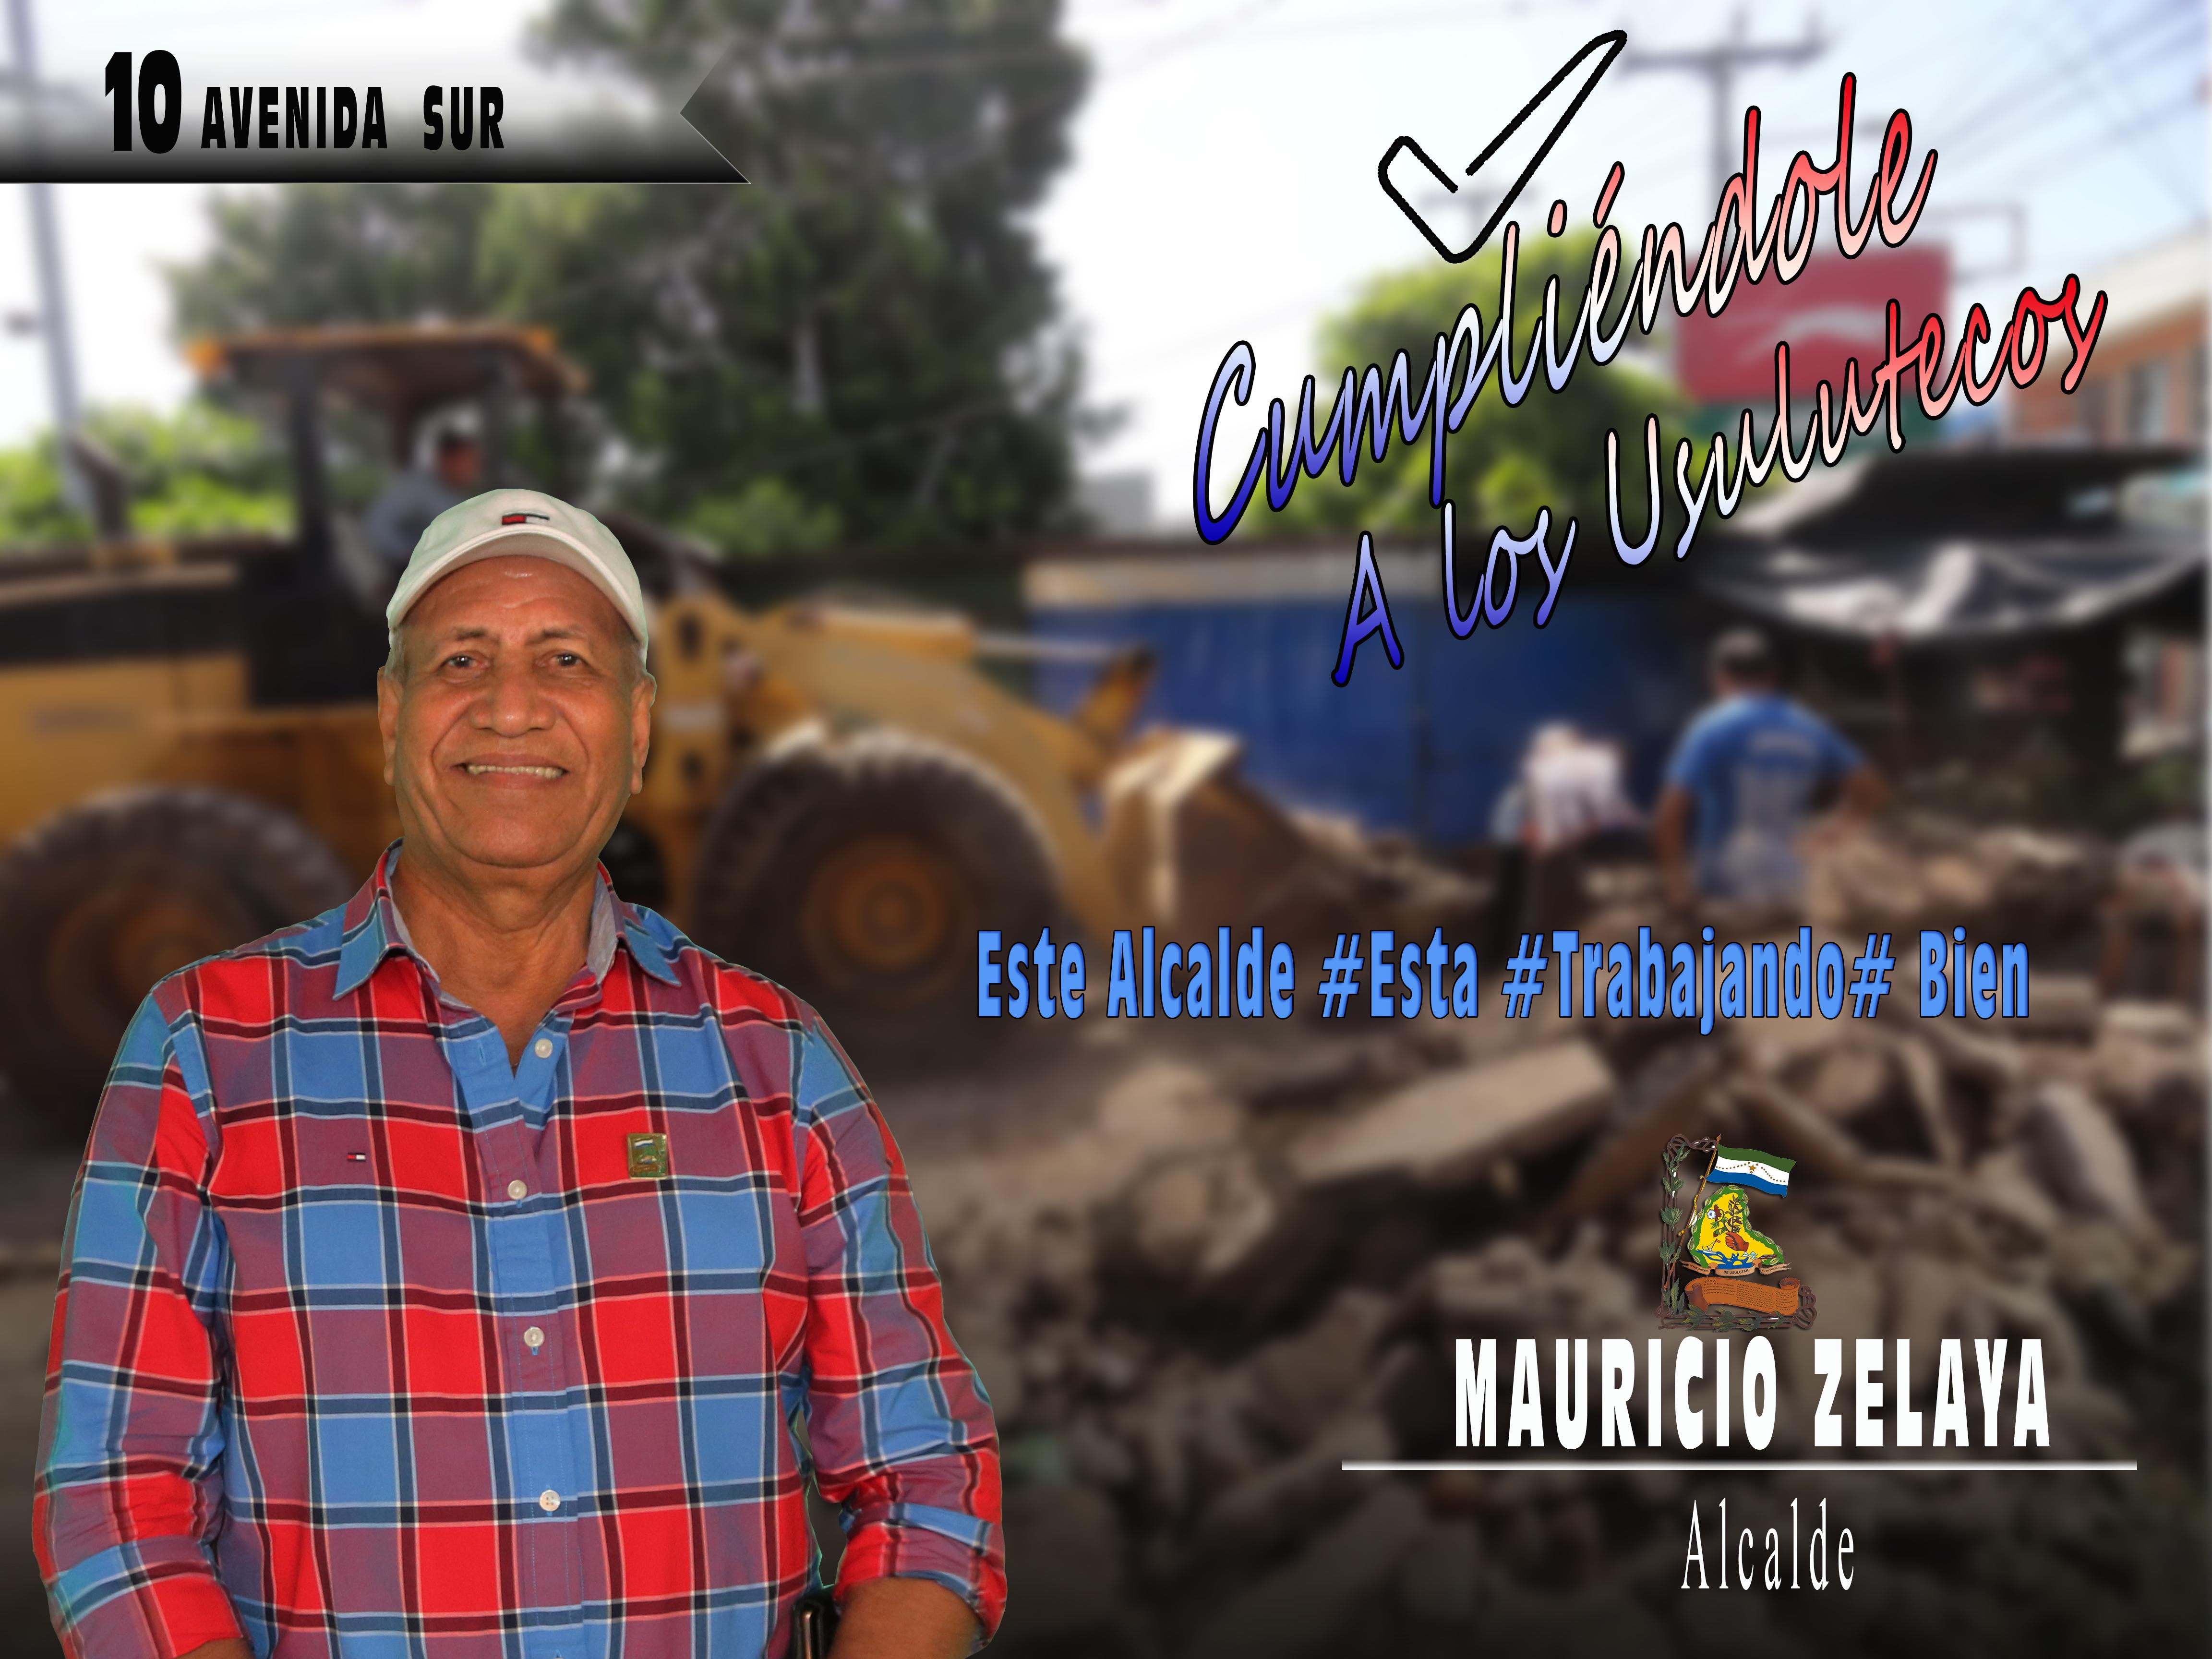 ESTE ALCALDE #HA #COMENZADO #BIEN. CONOCE EL TRABAJO QUE MAURICIO ZELAYA, ALCALDE DE USULUTÁN, REALIZA EN BENEFICIO DE LAS COMUNIDADE